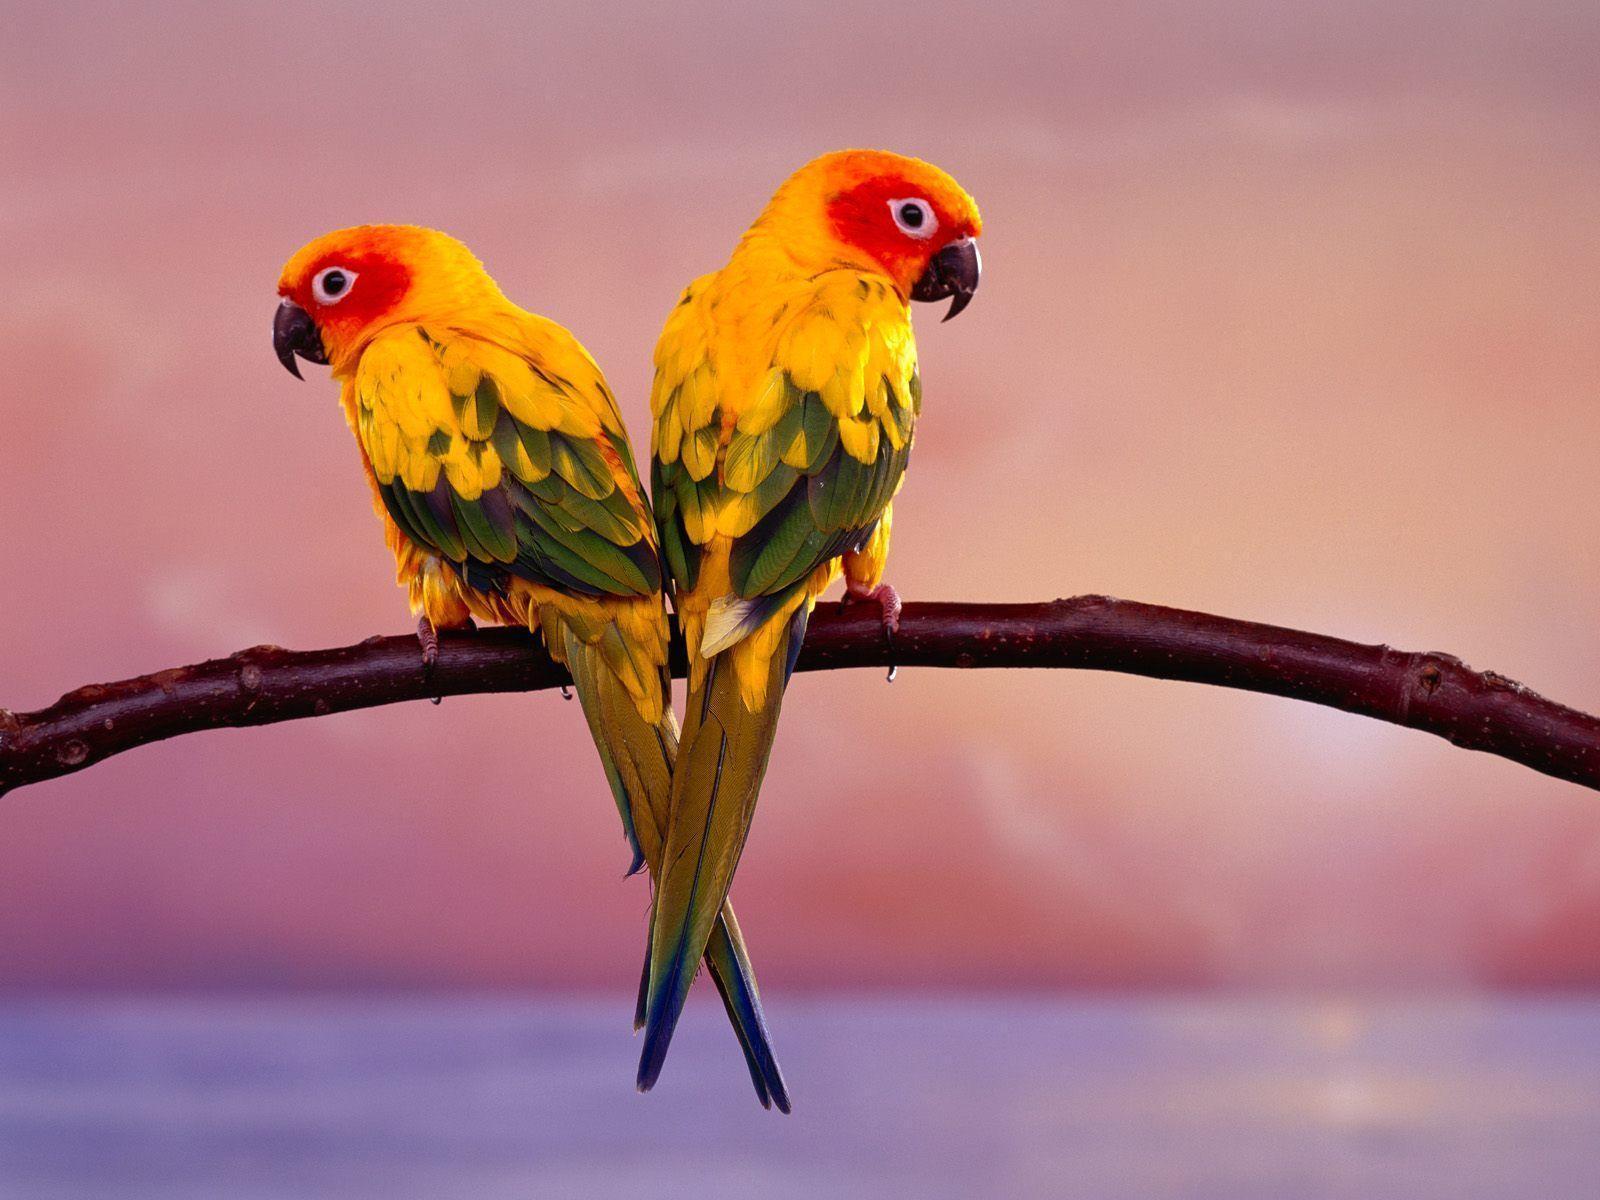 birds desktop wallpaper birds picture photos new wallpapers